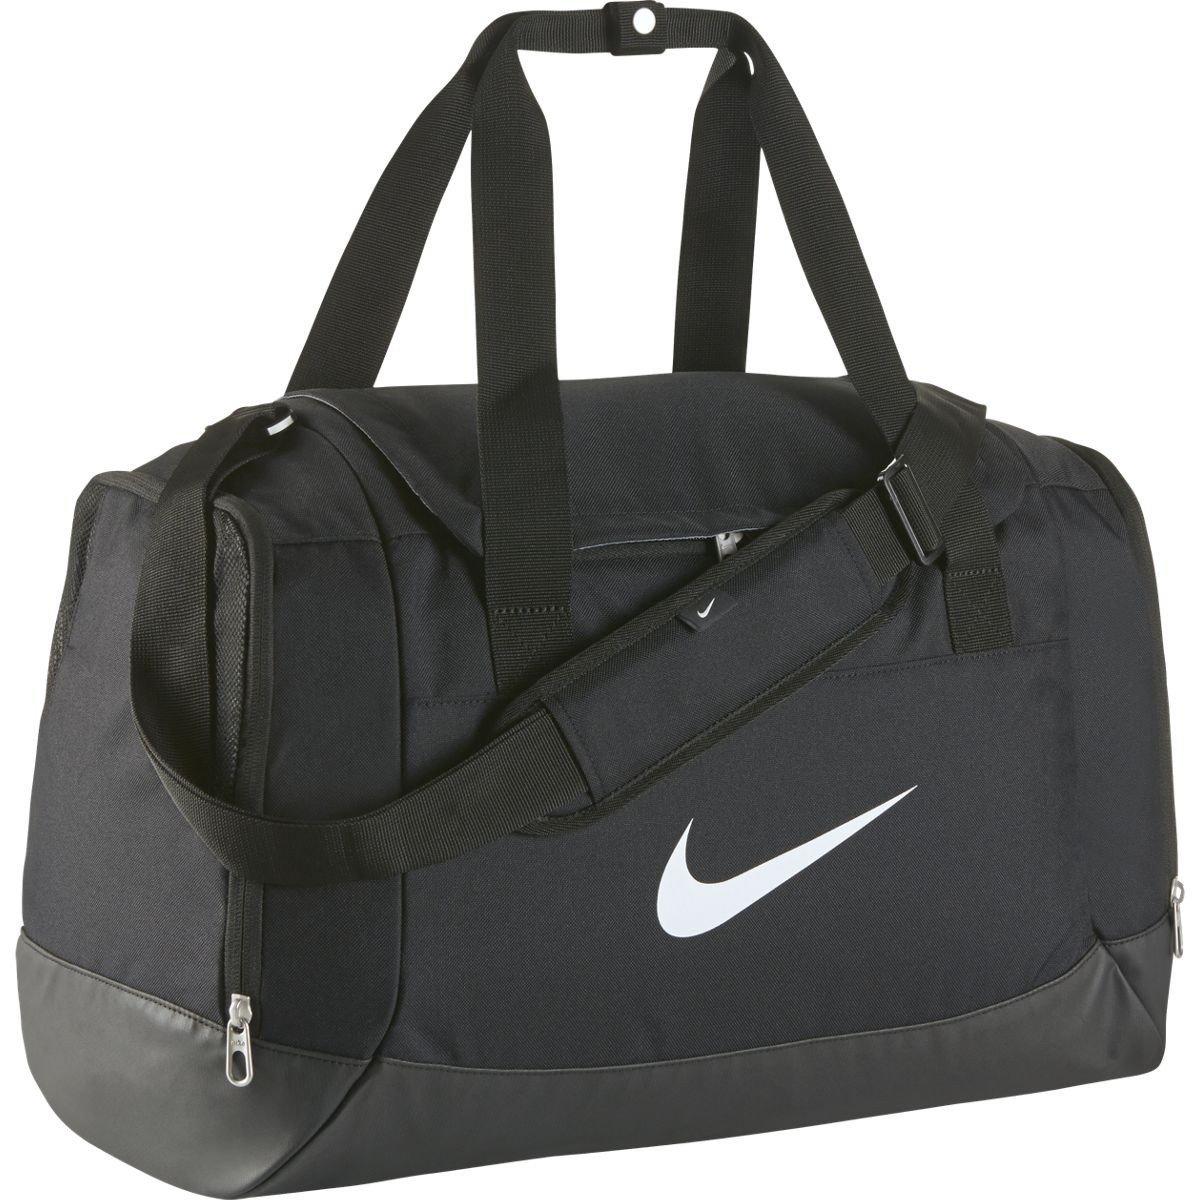 Nike Herren Sporttasche Club Team Swoosh Duffel (43 Liter) für 16,20€ statt 22€ [Amazon Prime]